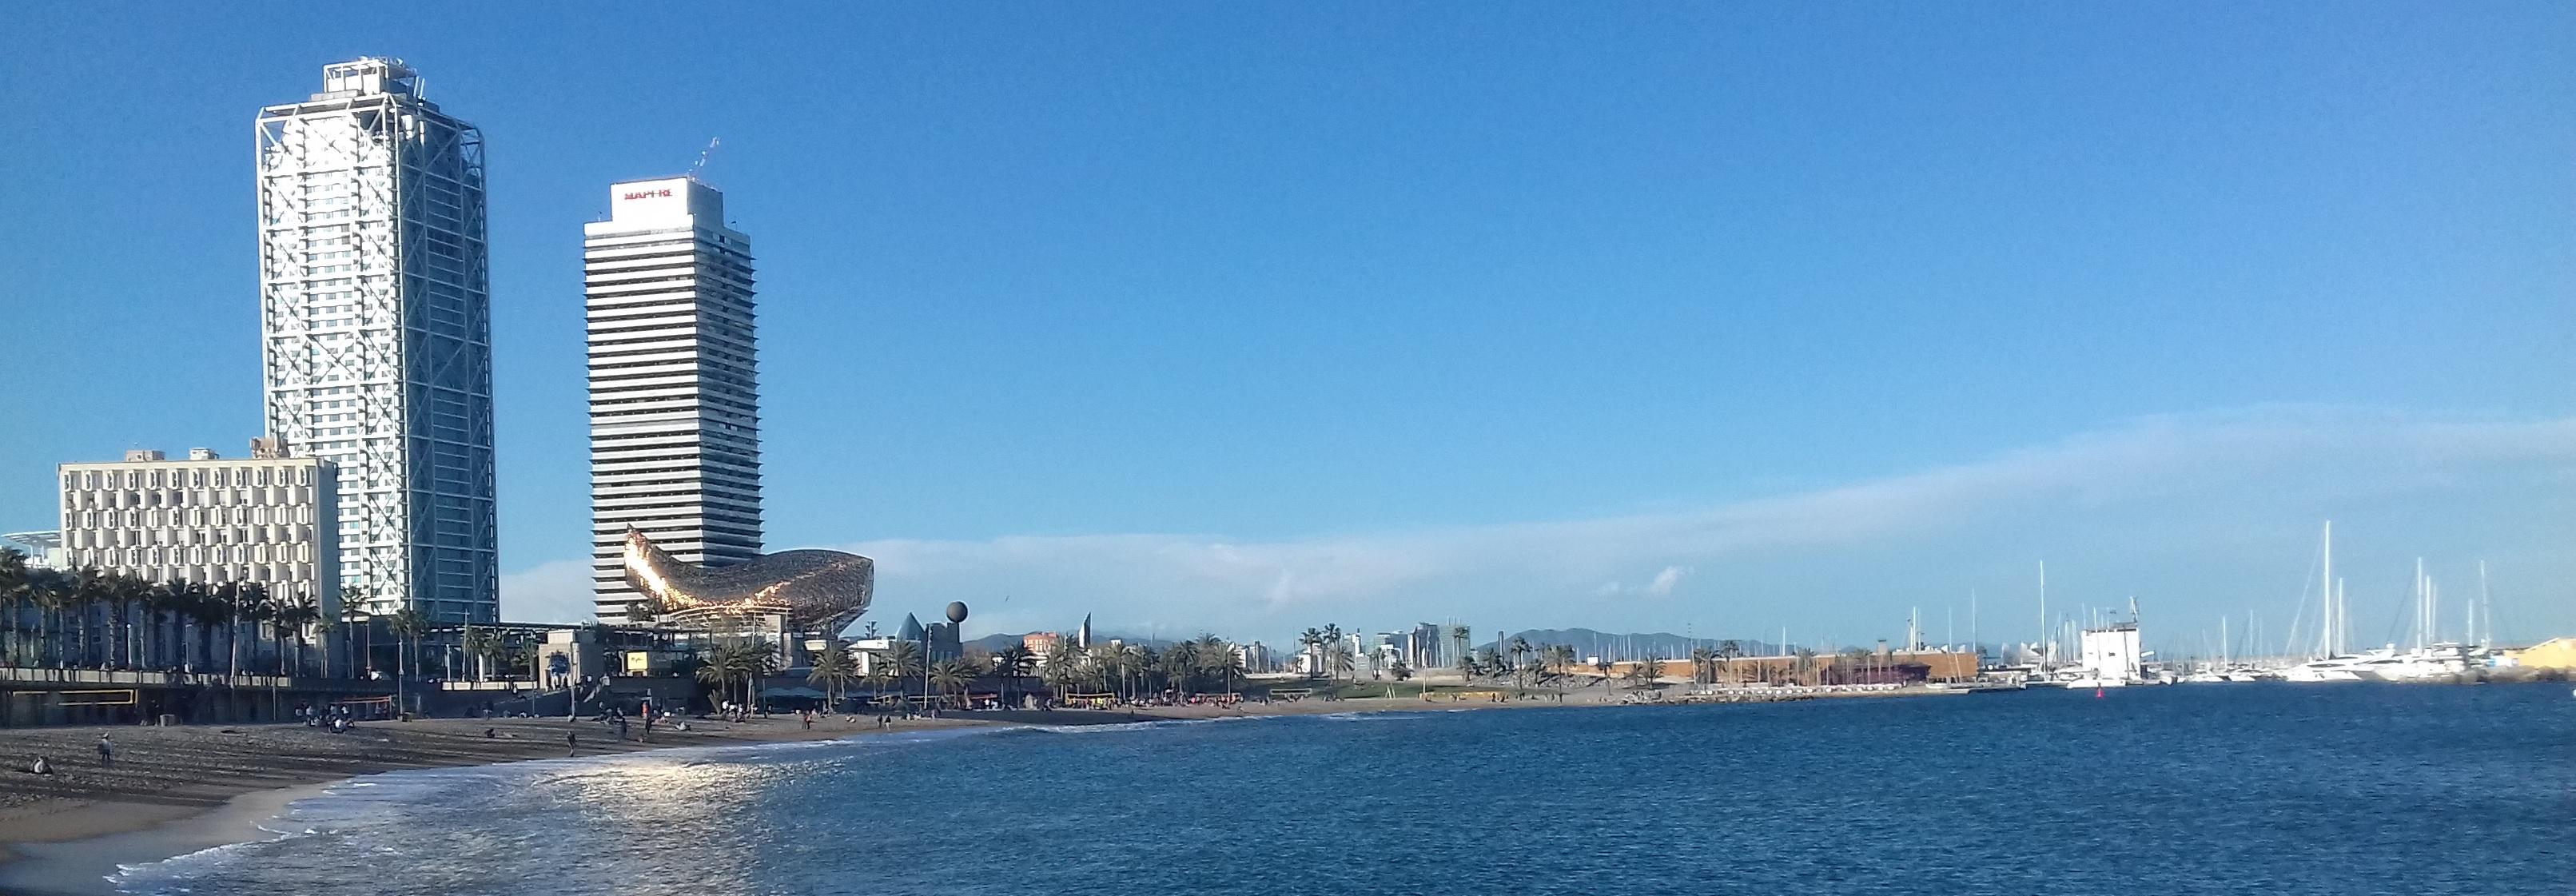 Barcelona Frühjahr Entdeckungen in der katalanischen Metropole am Meer